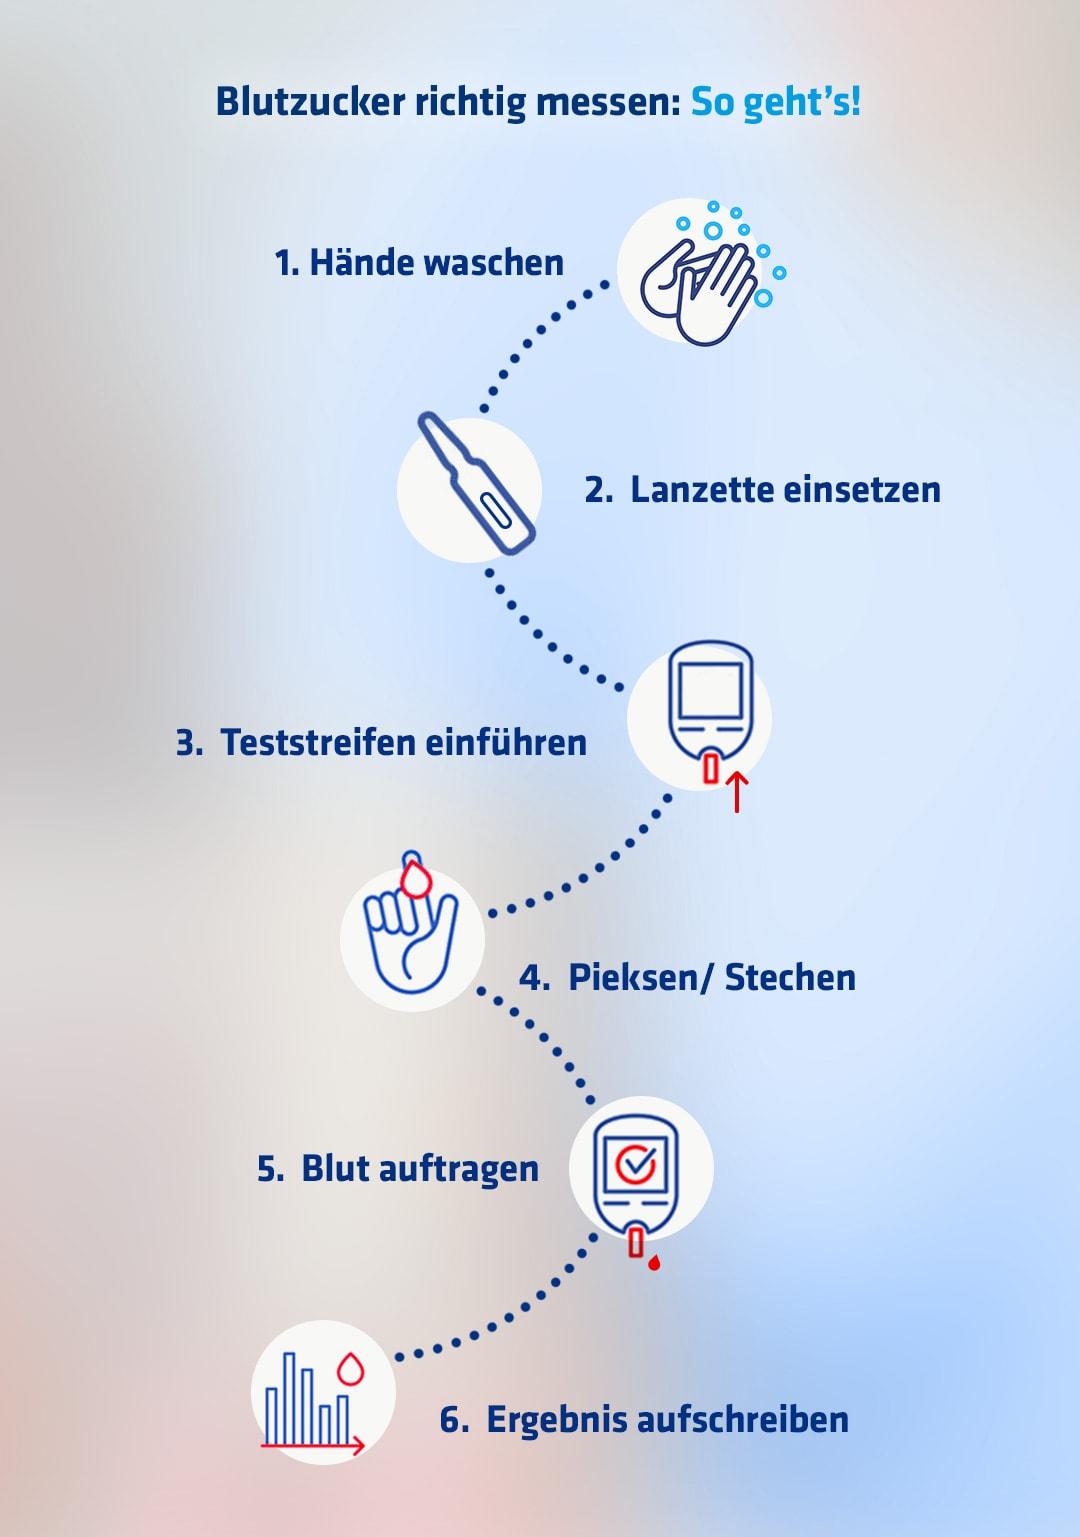 Anleitung, um richtig Blutzucker zu messen samt erklärender Icons